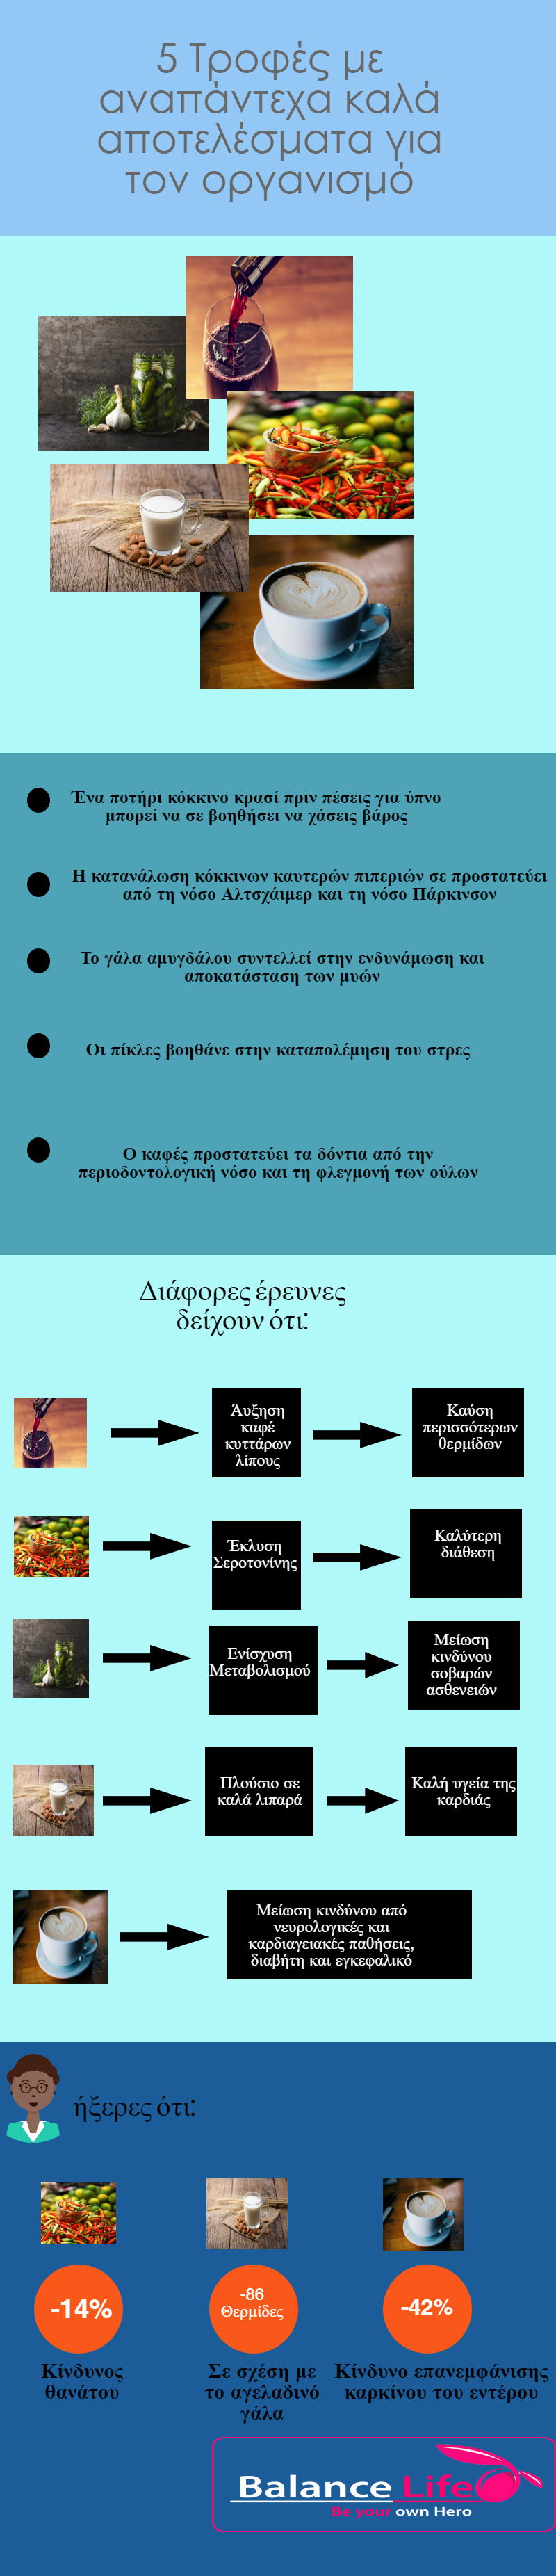 5 τροφές χρήσιμες για τον οργανισμό